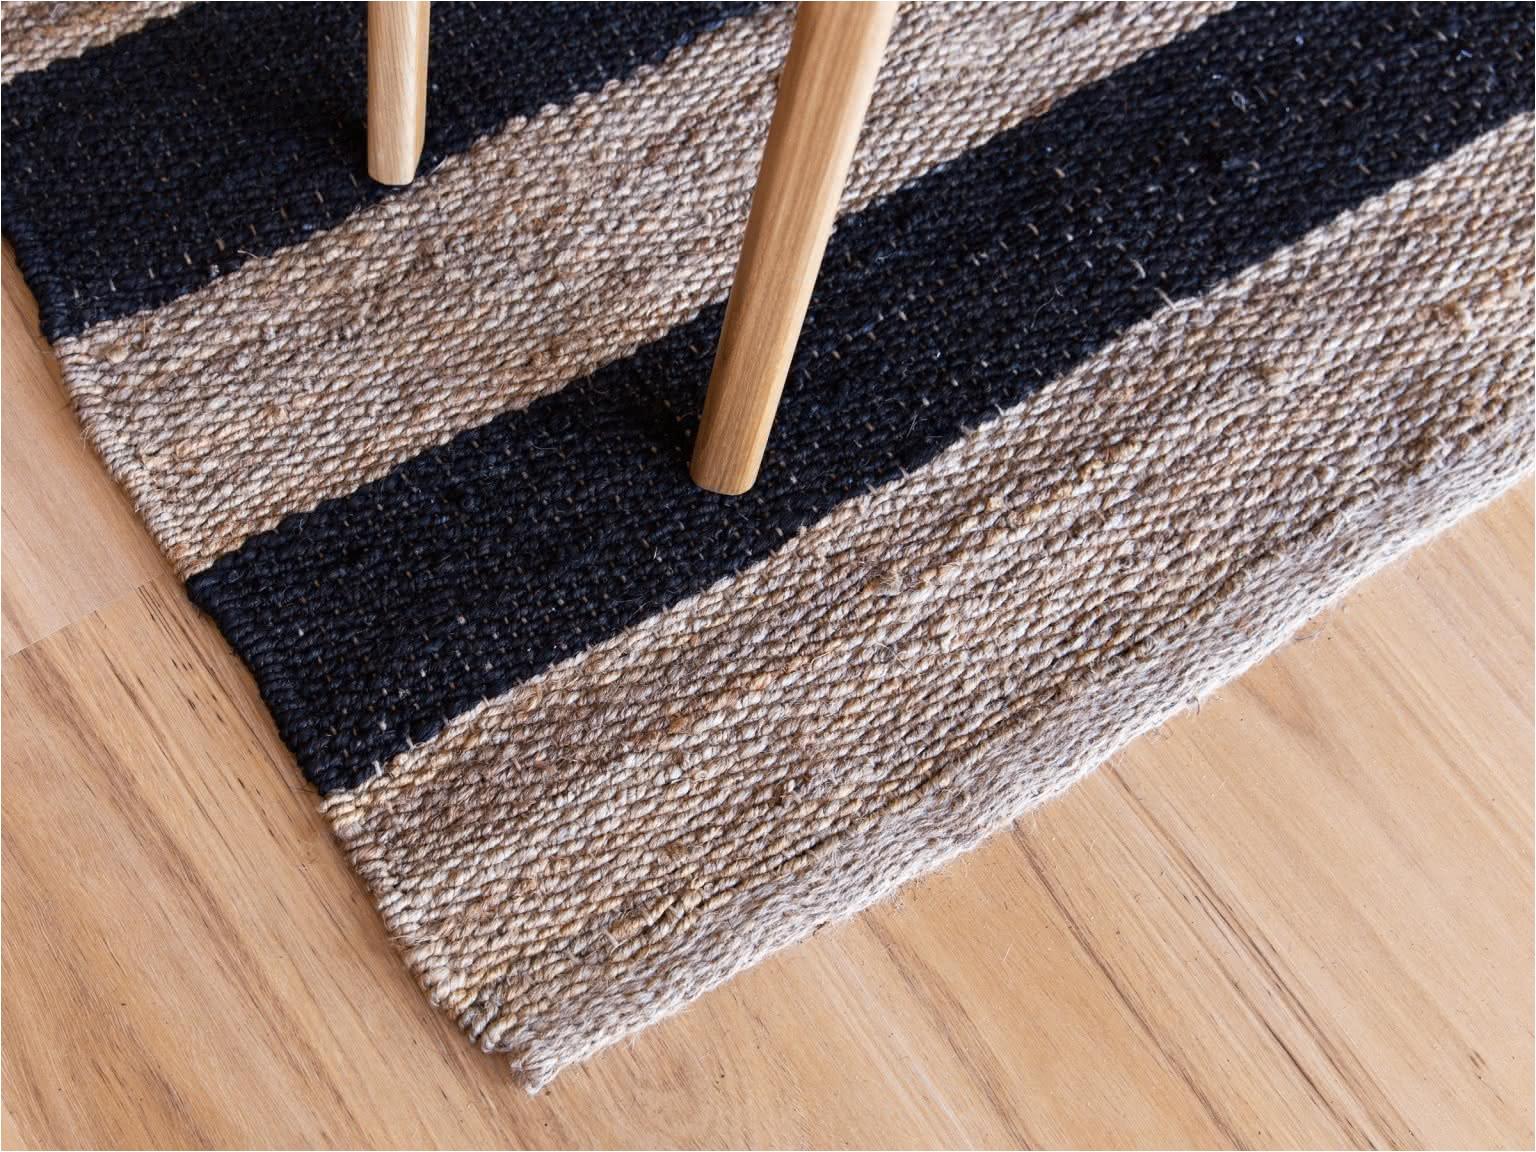 rec rug black